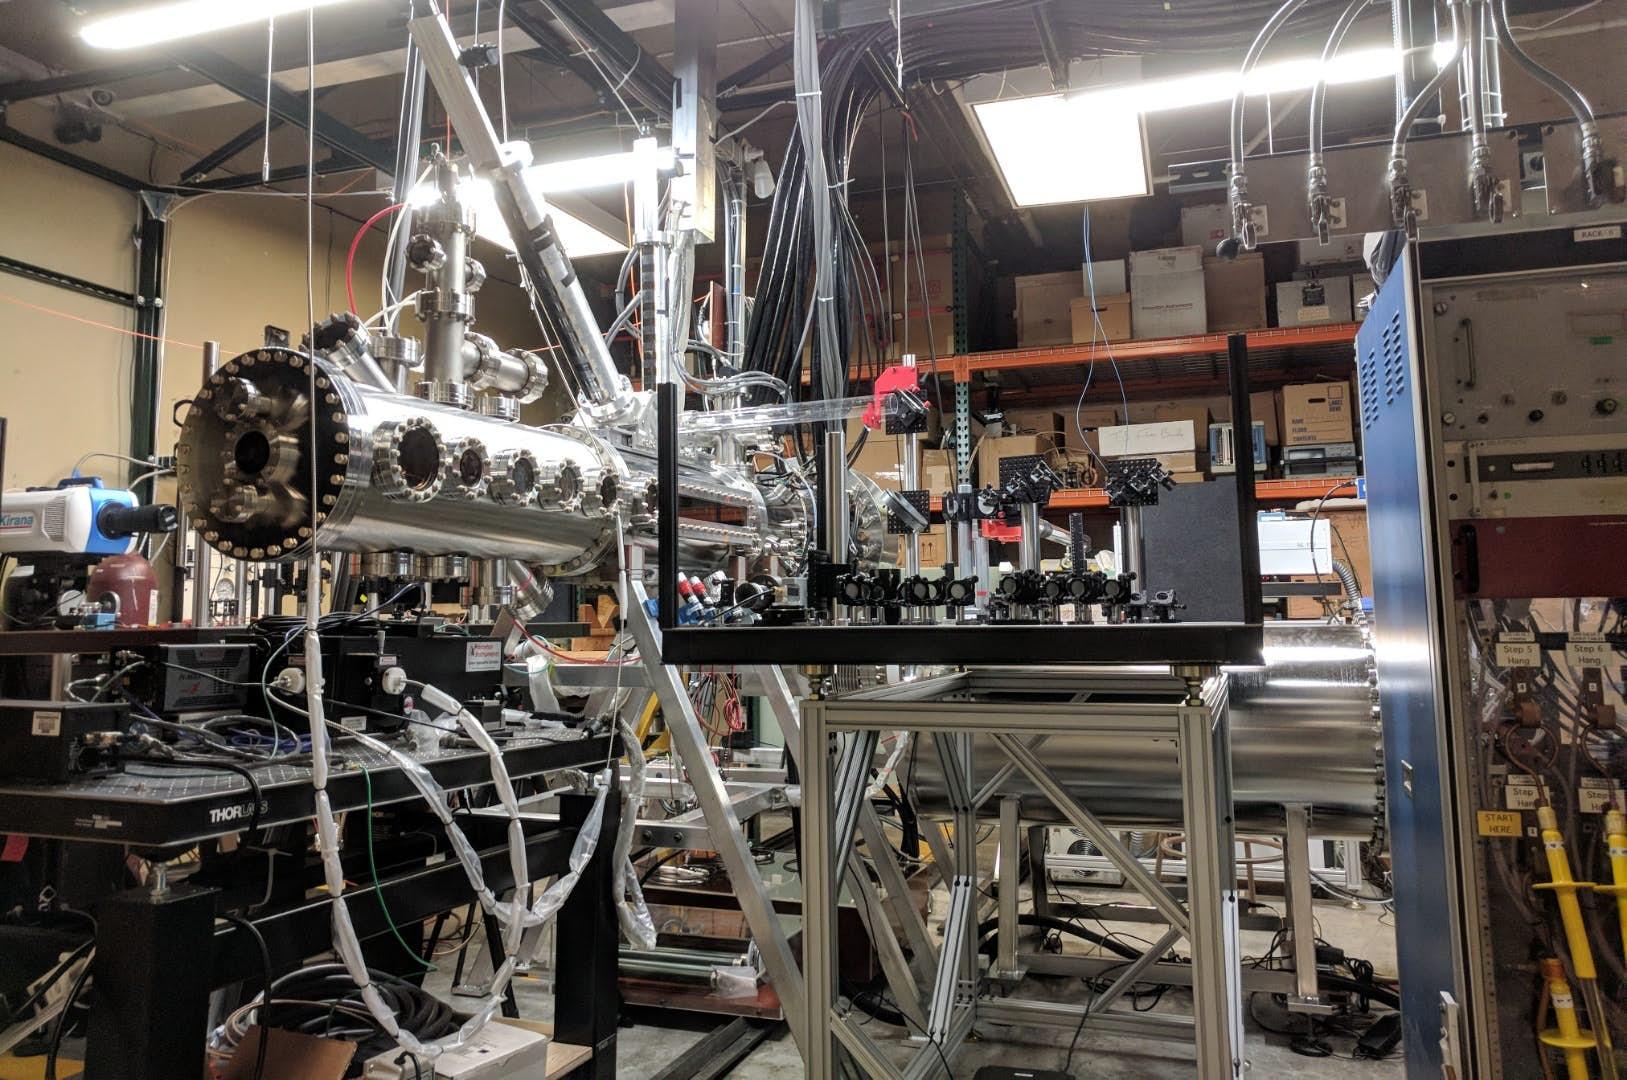 Fúzní systém Z-pinch vlaboratoři. Kredit: University of Washington.